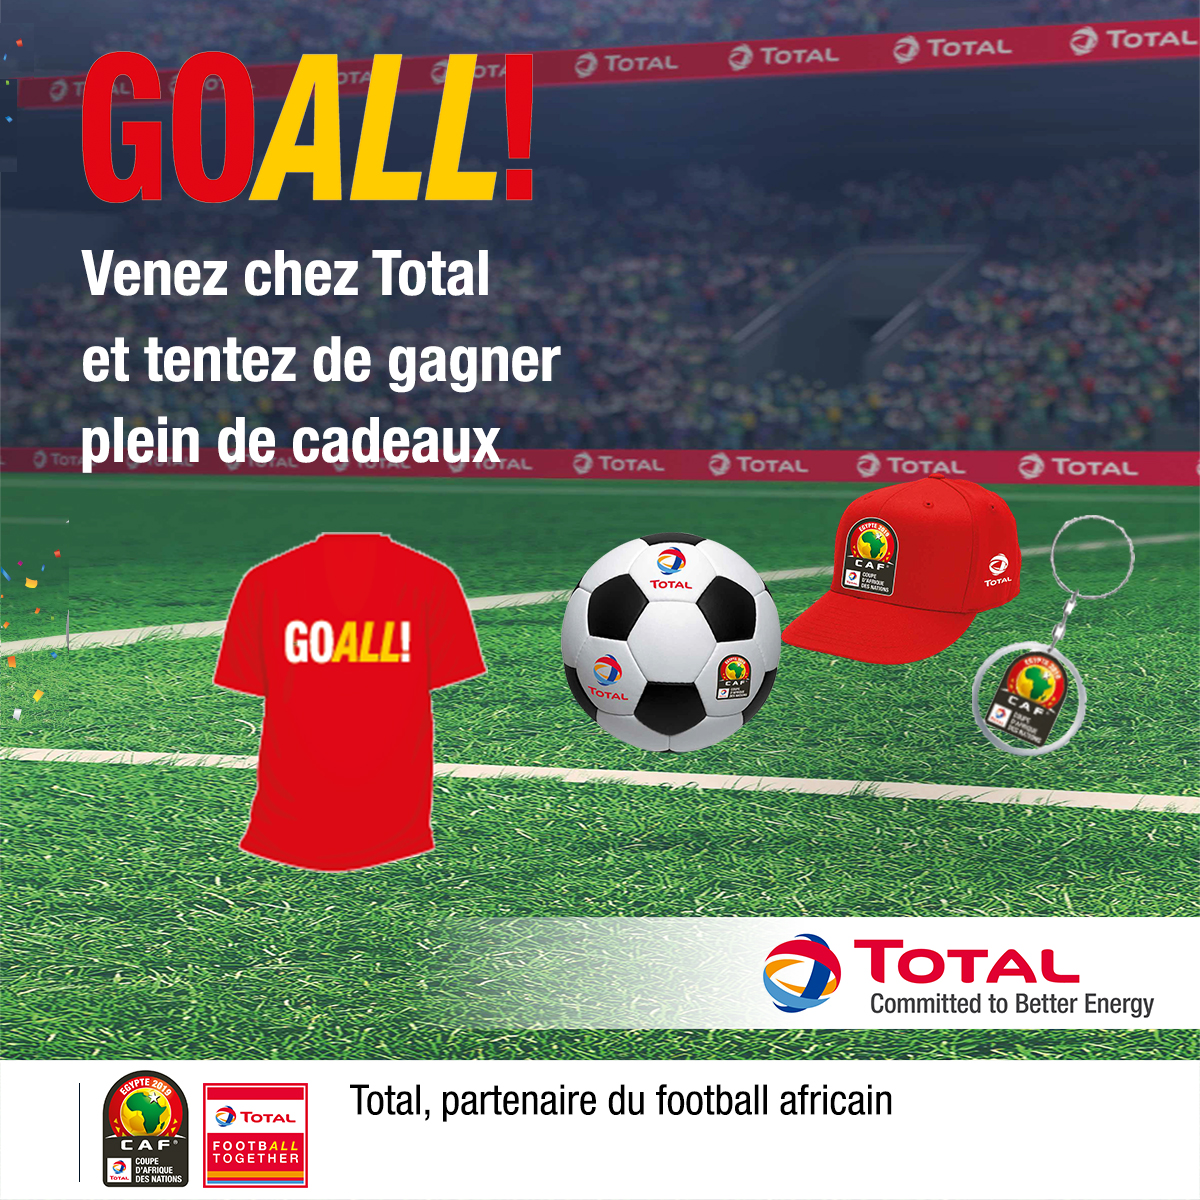 campagne_global_goall2.jpg